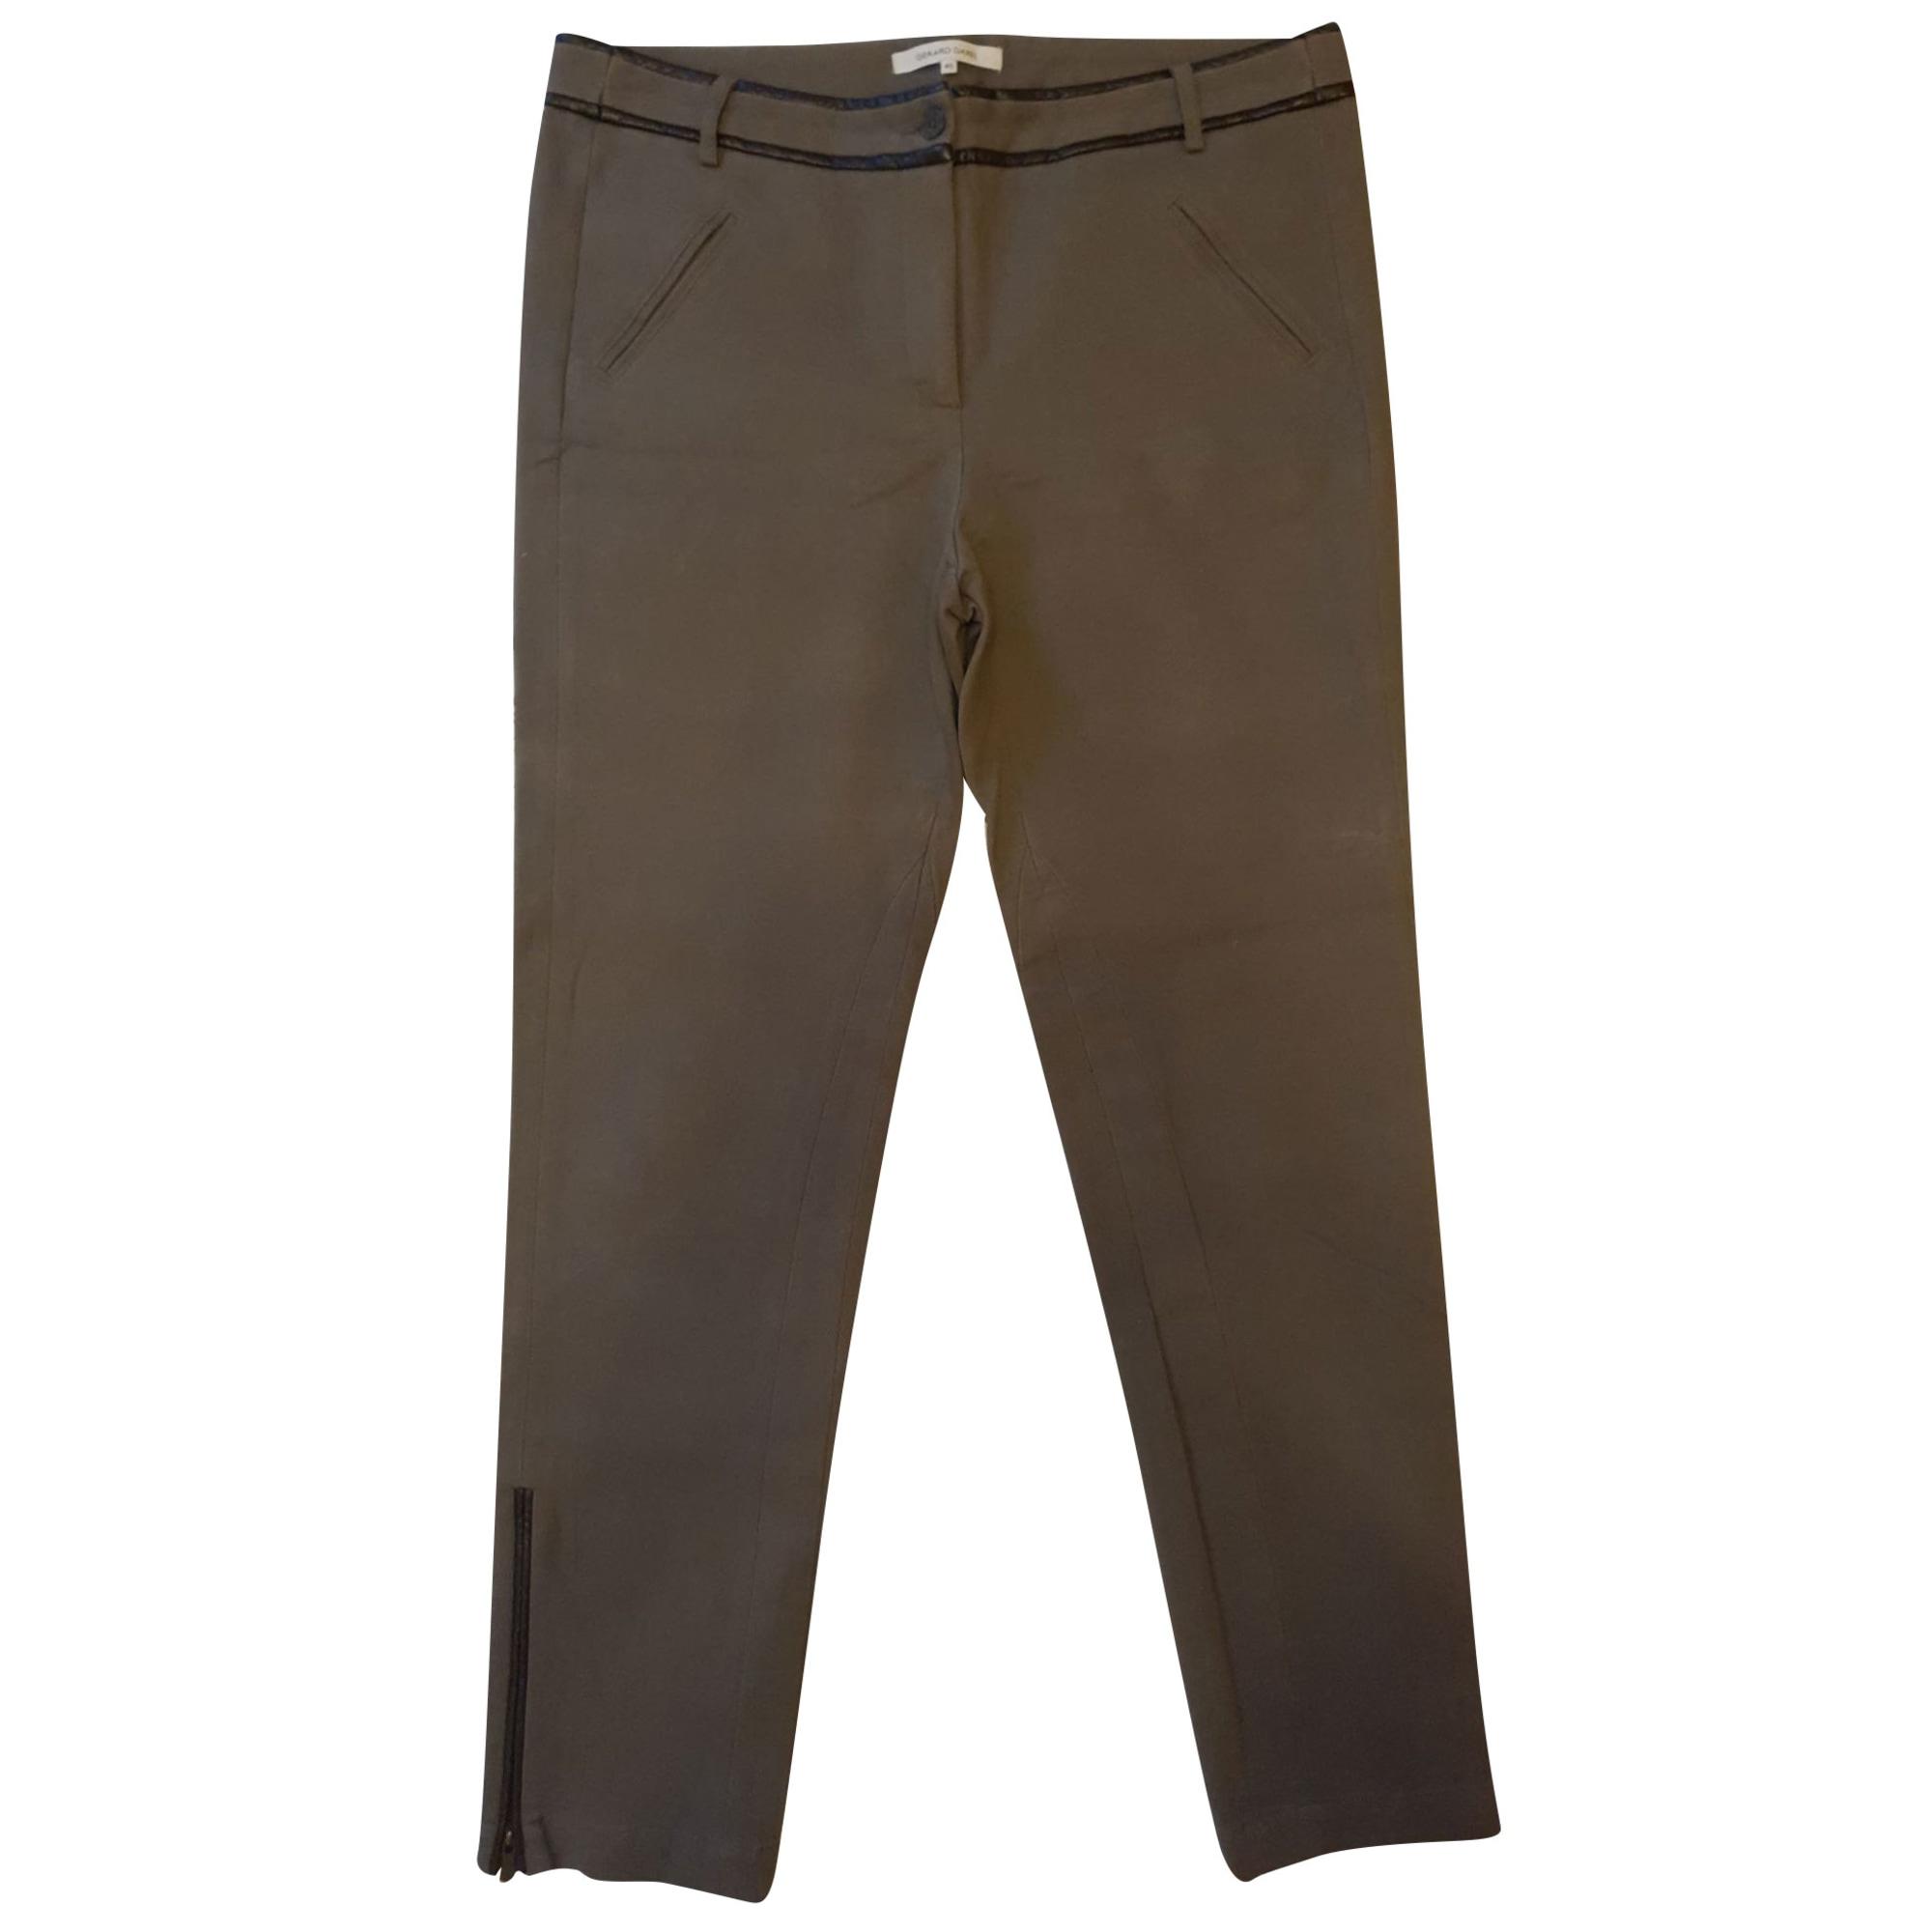 Pantalon slim, cigarette GERARD DAREL Kaki